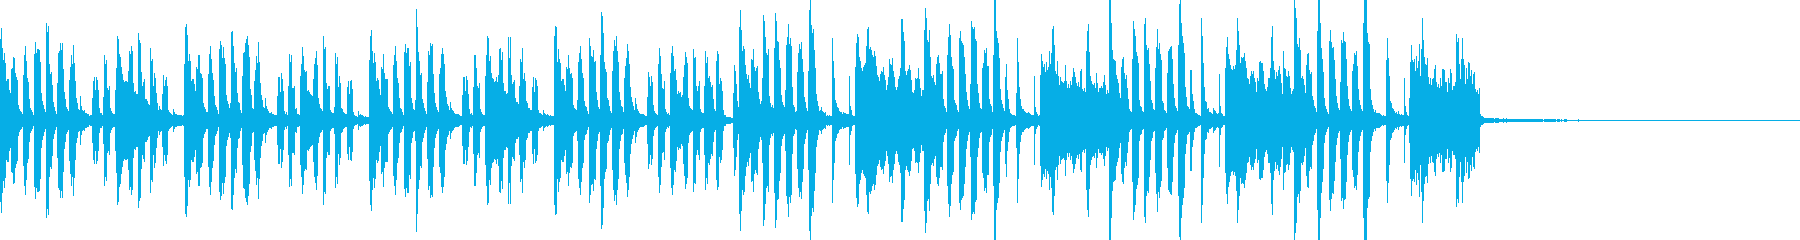 コミカル感のある間の抜けた感じの曲の再生済みの波形